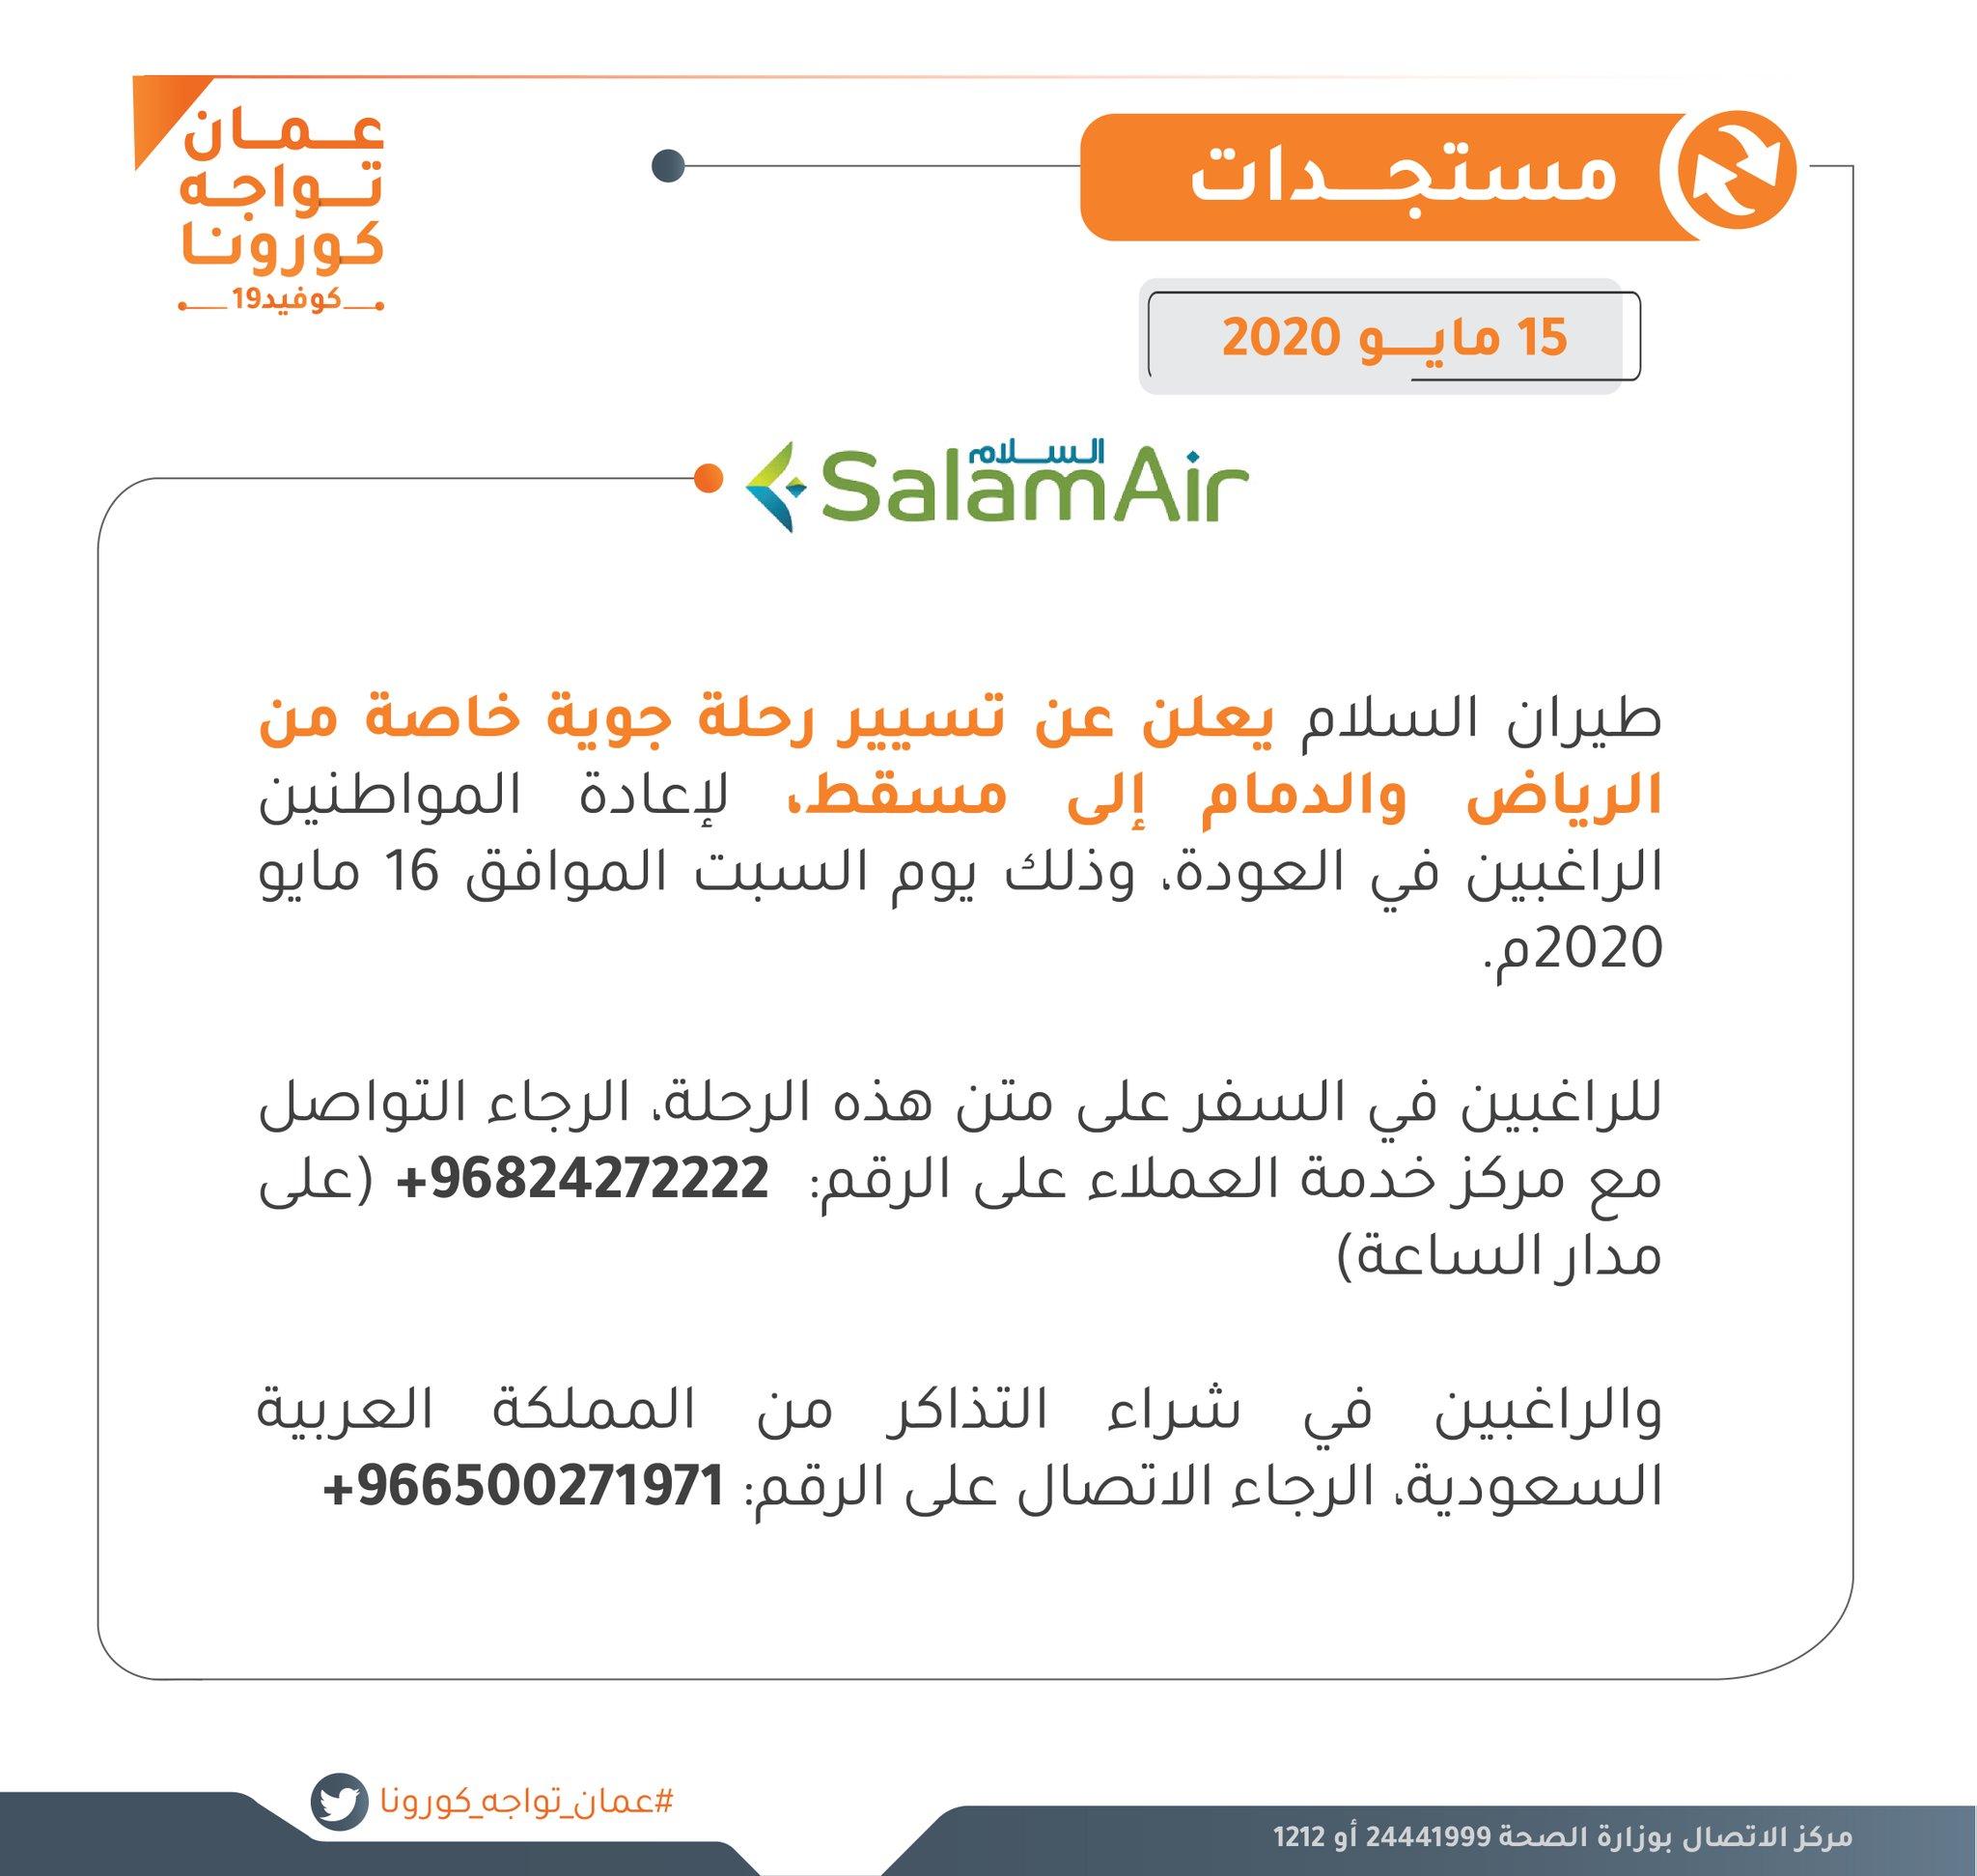 غدا..تسيير رحلة خاصة من الرياض والدمام إلى مسقط لإعادة المواطنين